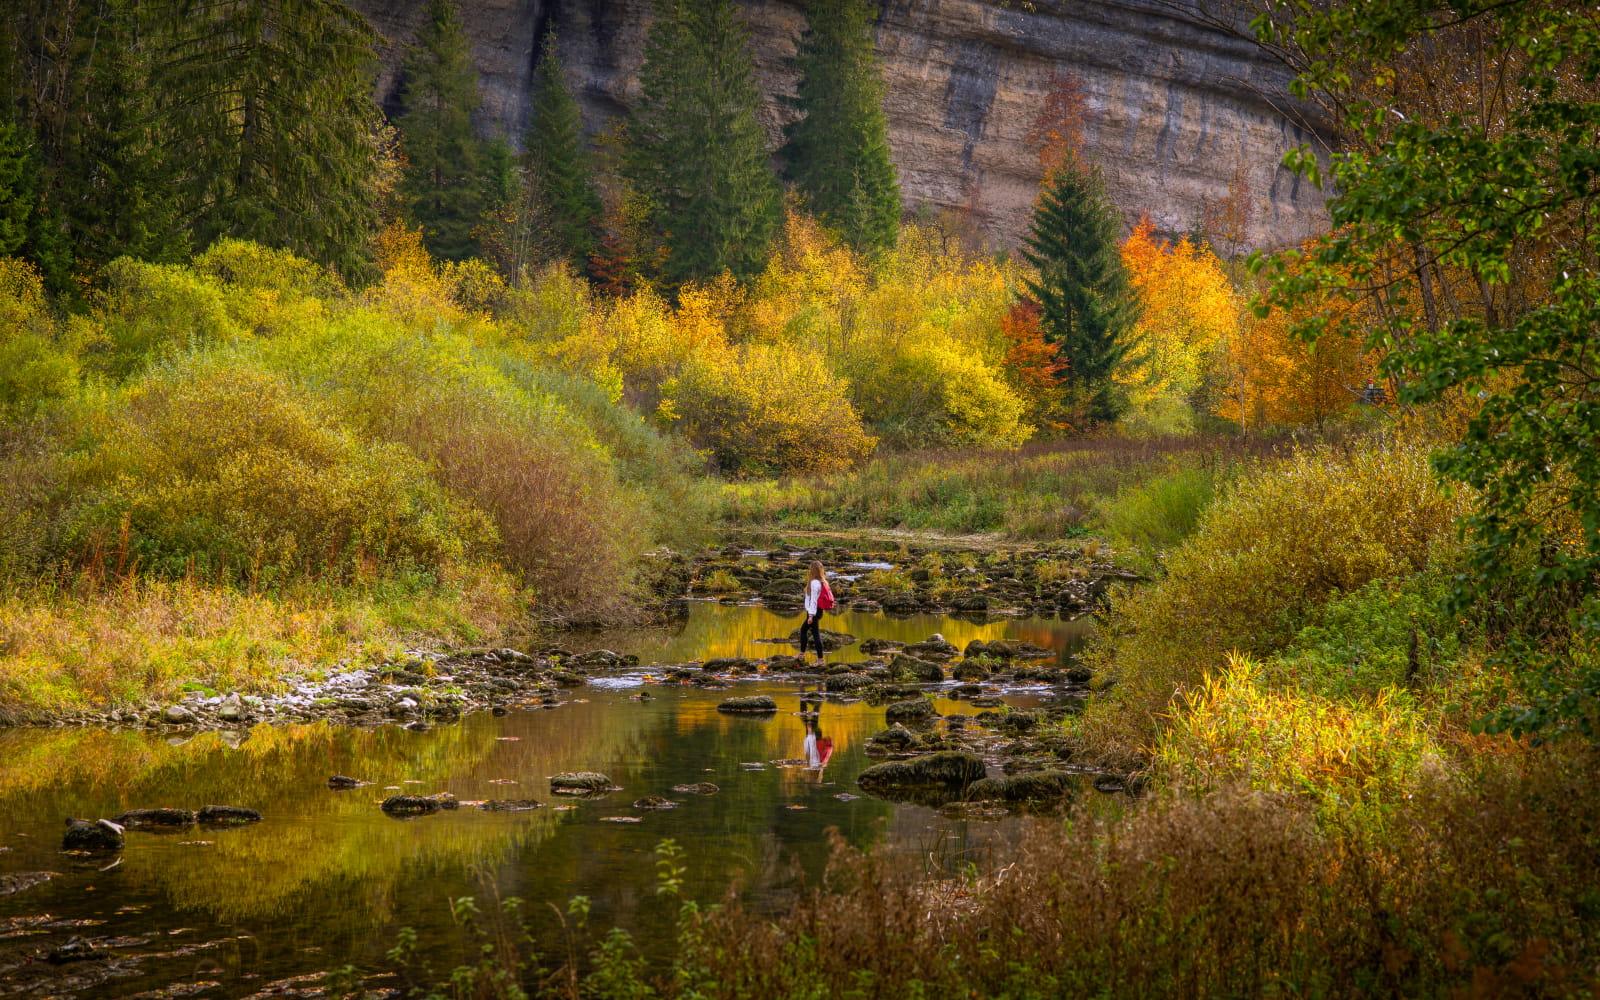 Défilé d'entre roches en automne